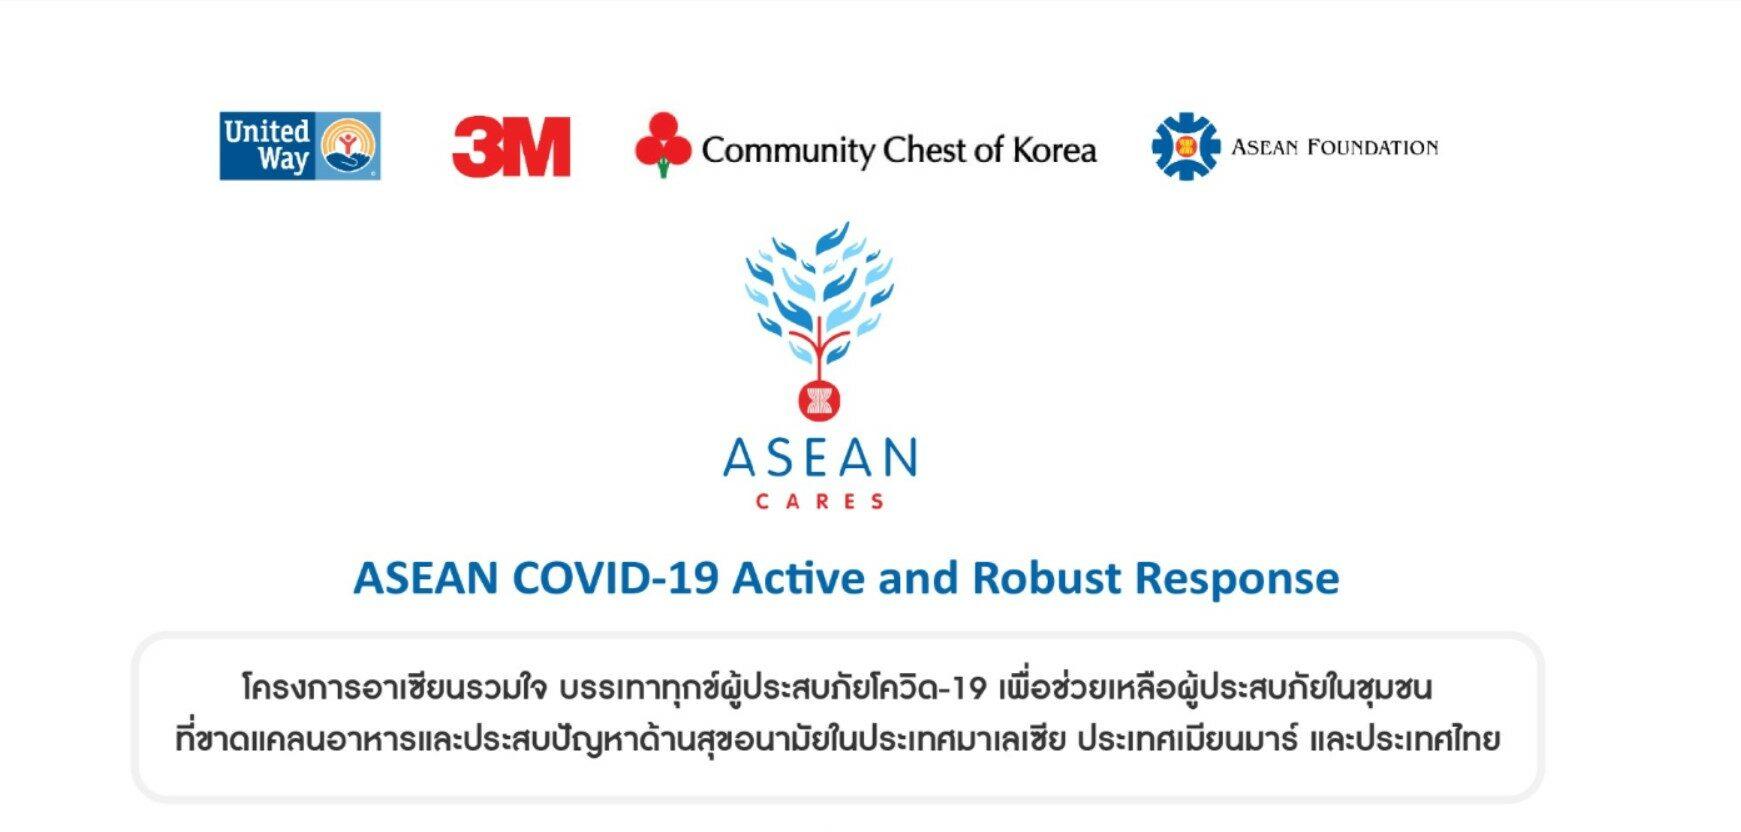 3เอ็ม ประเทศไทย ผนึกกำลังโครงการอาเซียนรวมใจ บรรเทาทุกข์ผู้ประสบภัยโควิด-19